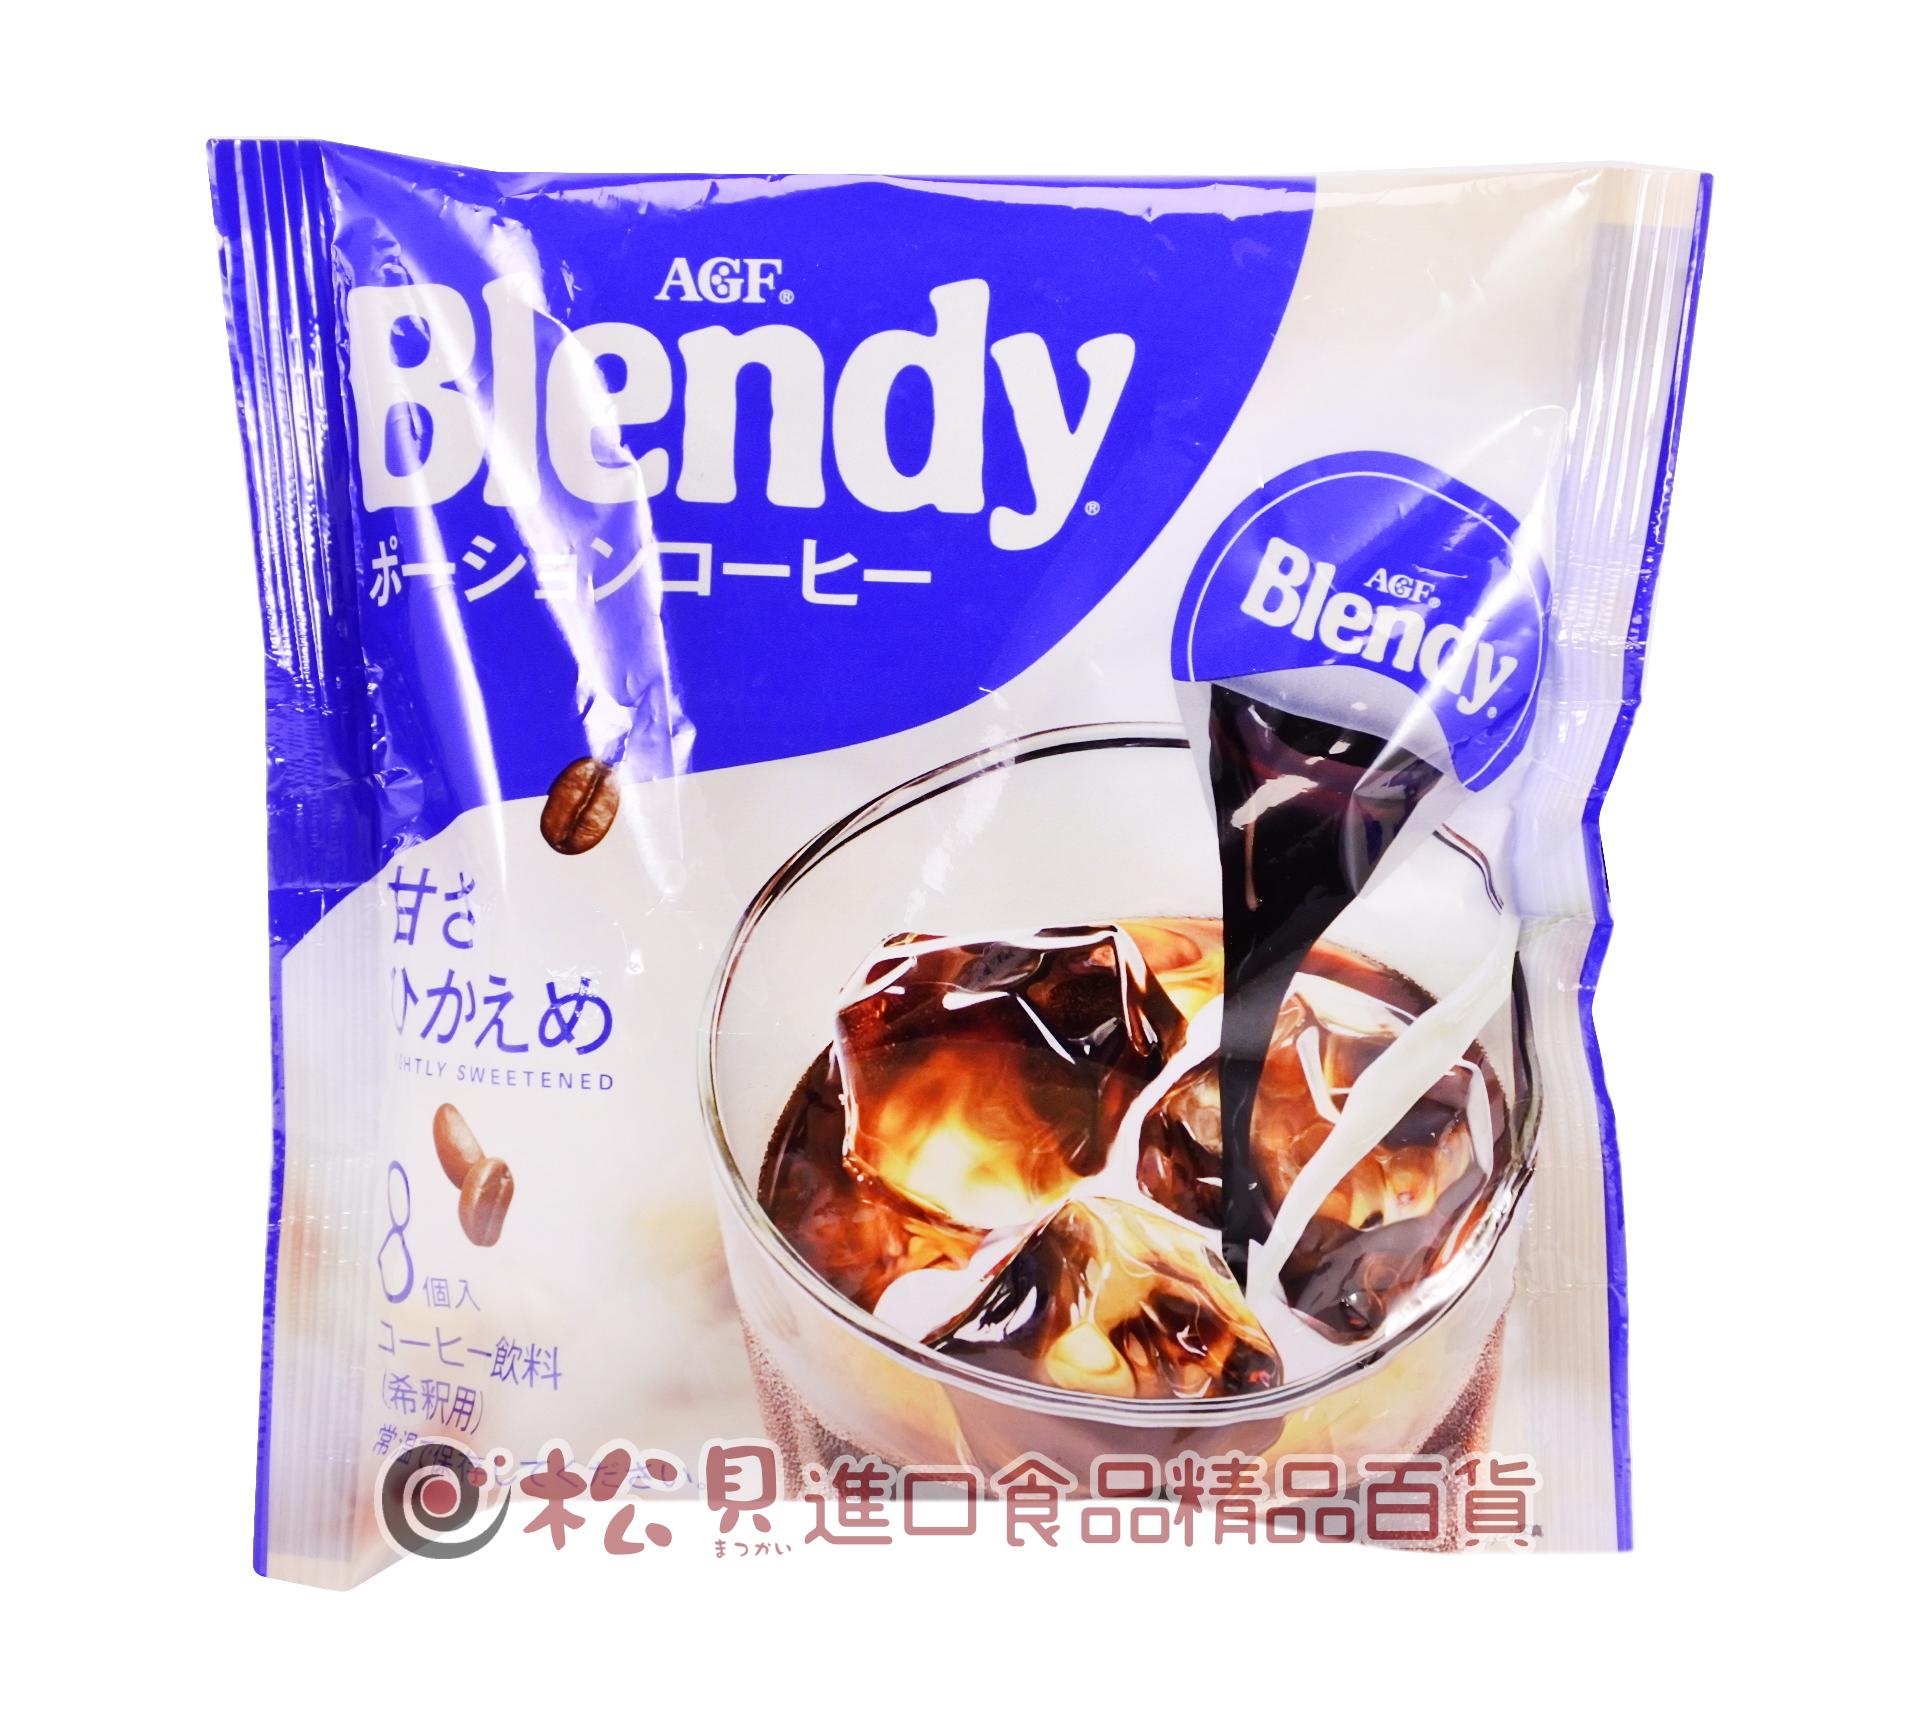 AGF Blendy咖啡球8入(微糖)144g【4901111377752】.jpg